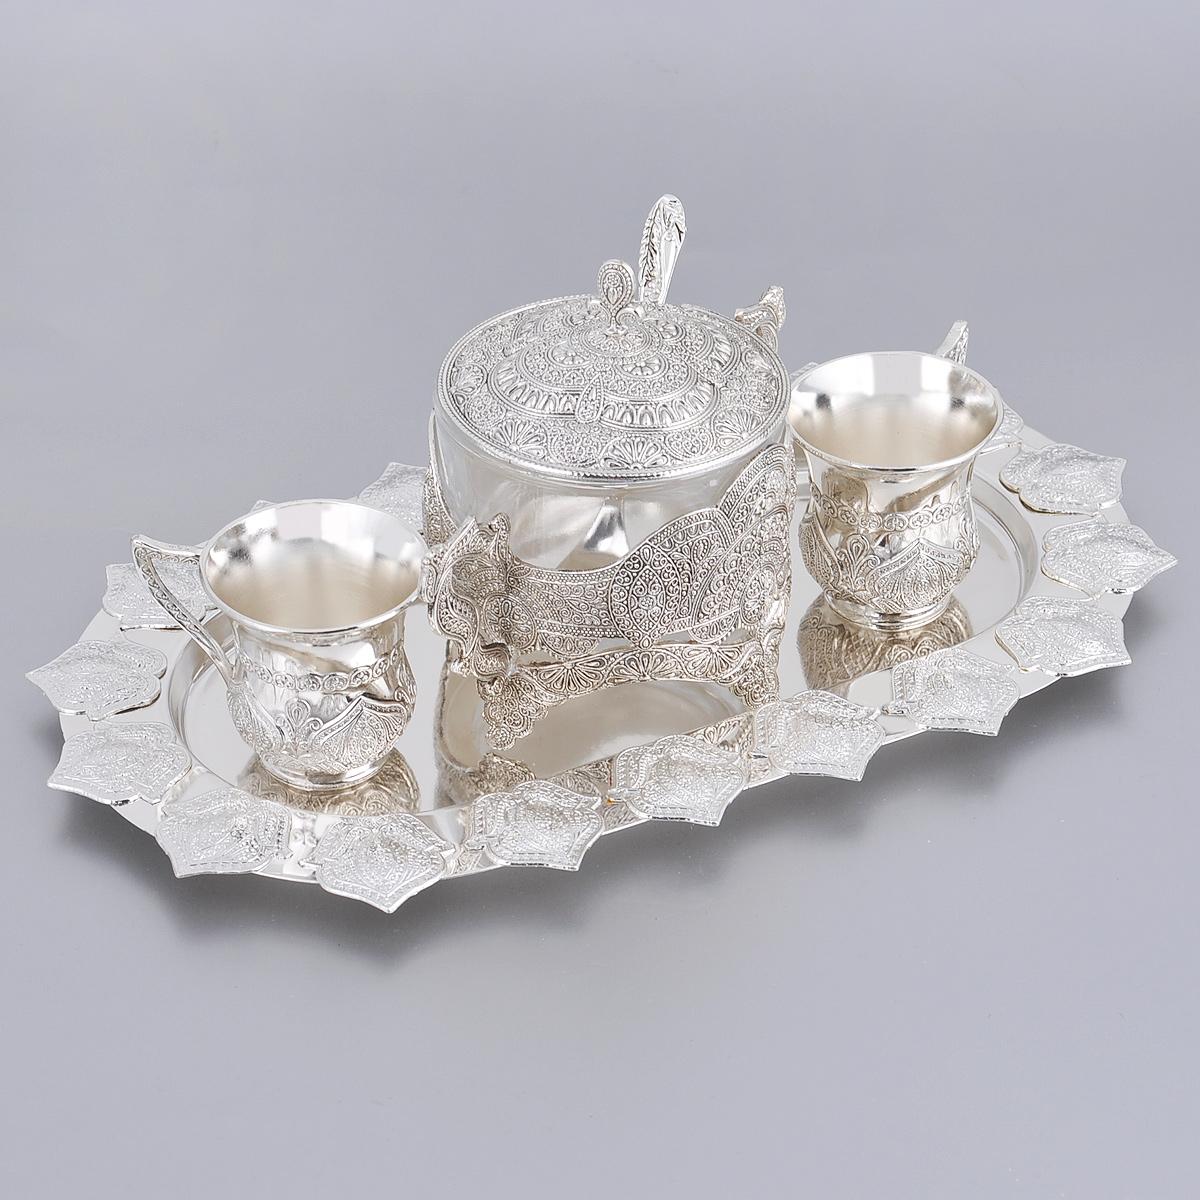 Набор чайный Marquis, 5 предметов. 2134-MR